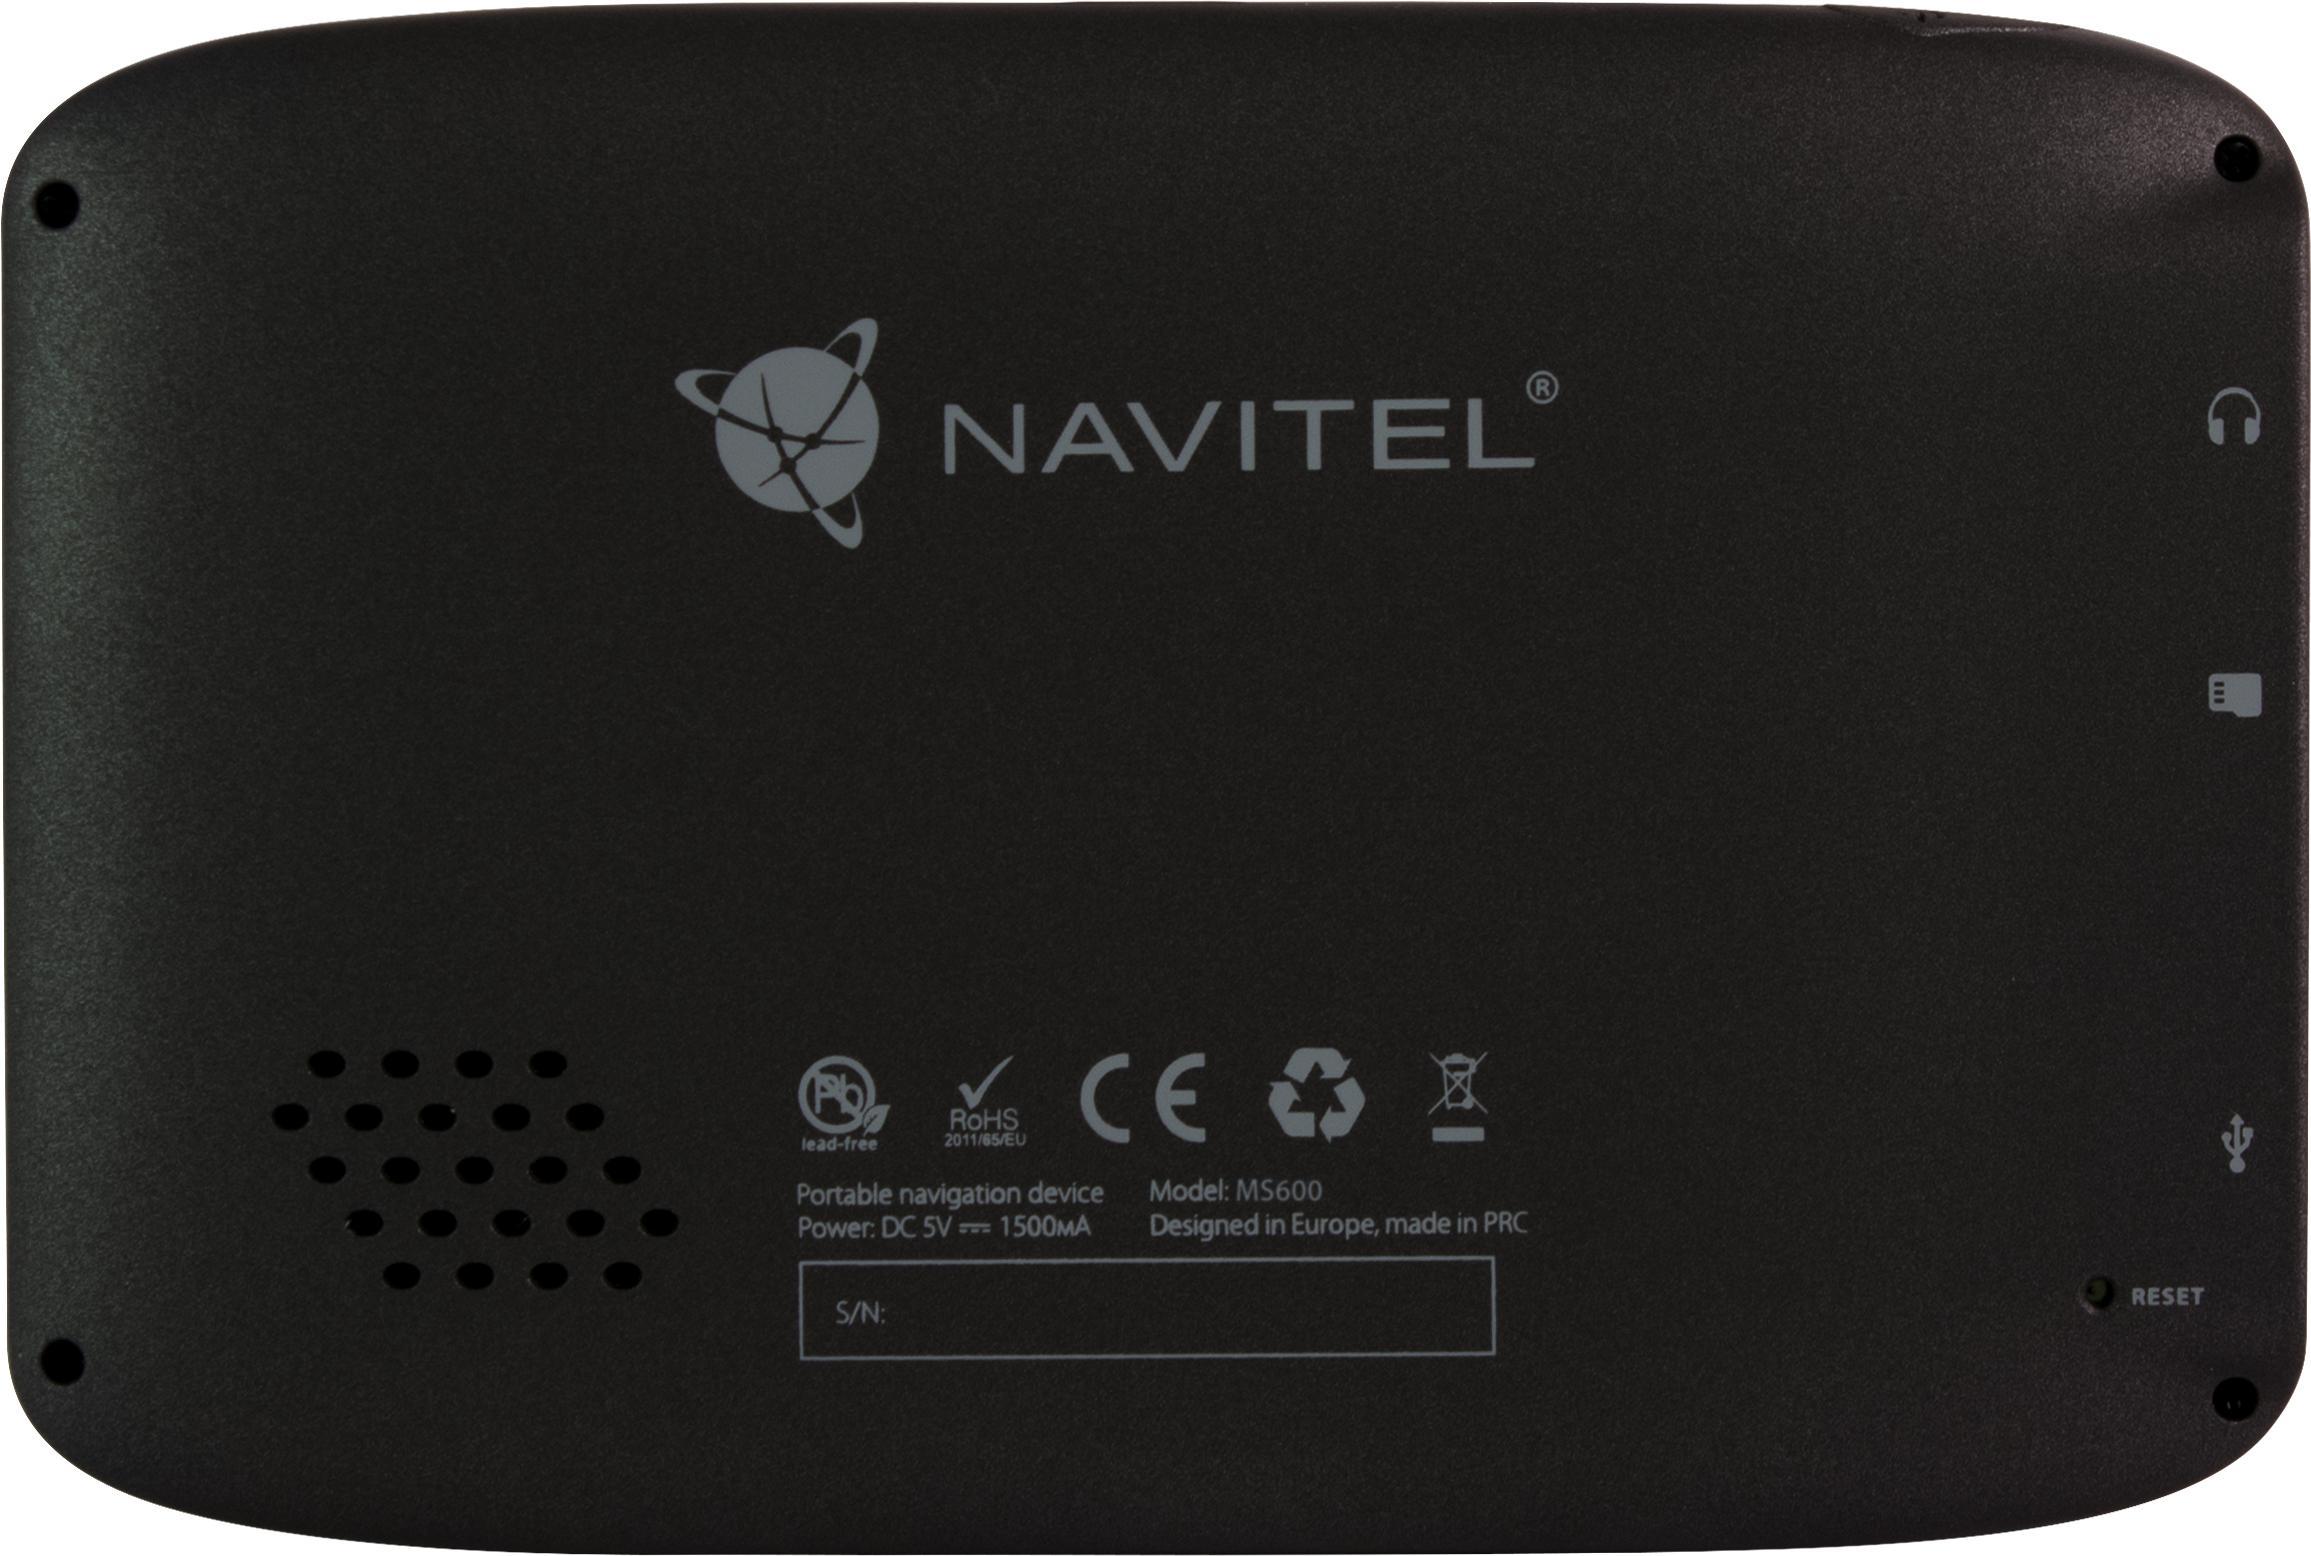 NAVMS400 Navigacijos sistema NAVITEL - Sumažintų kainų patirtis